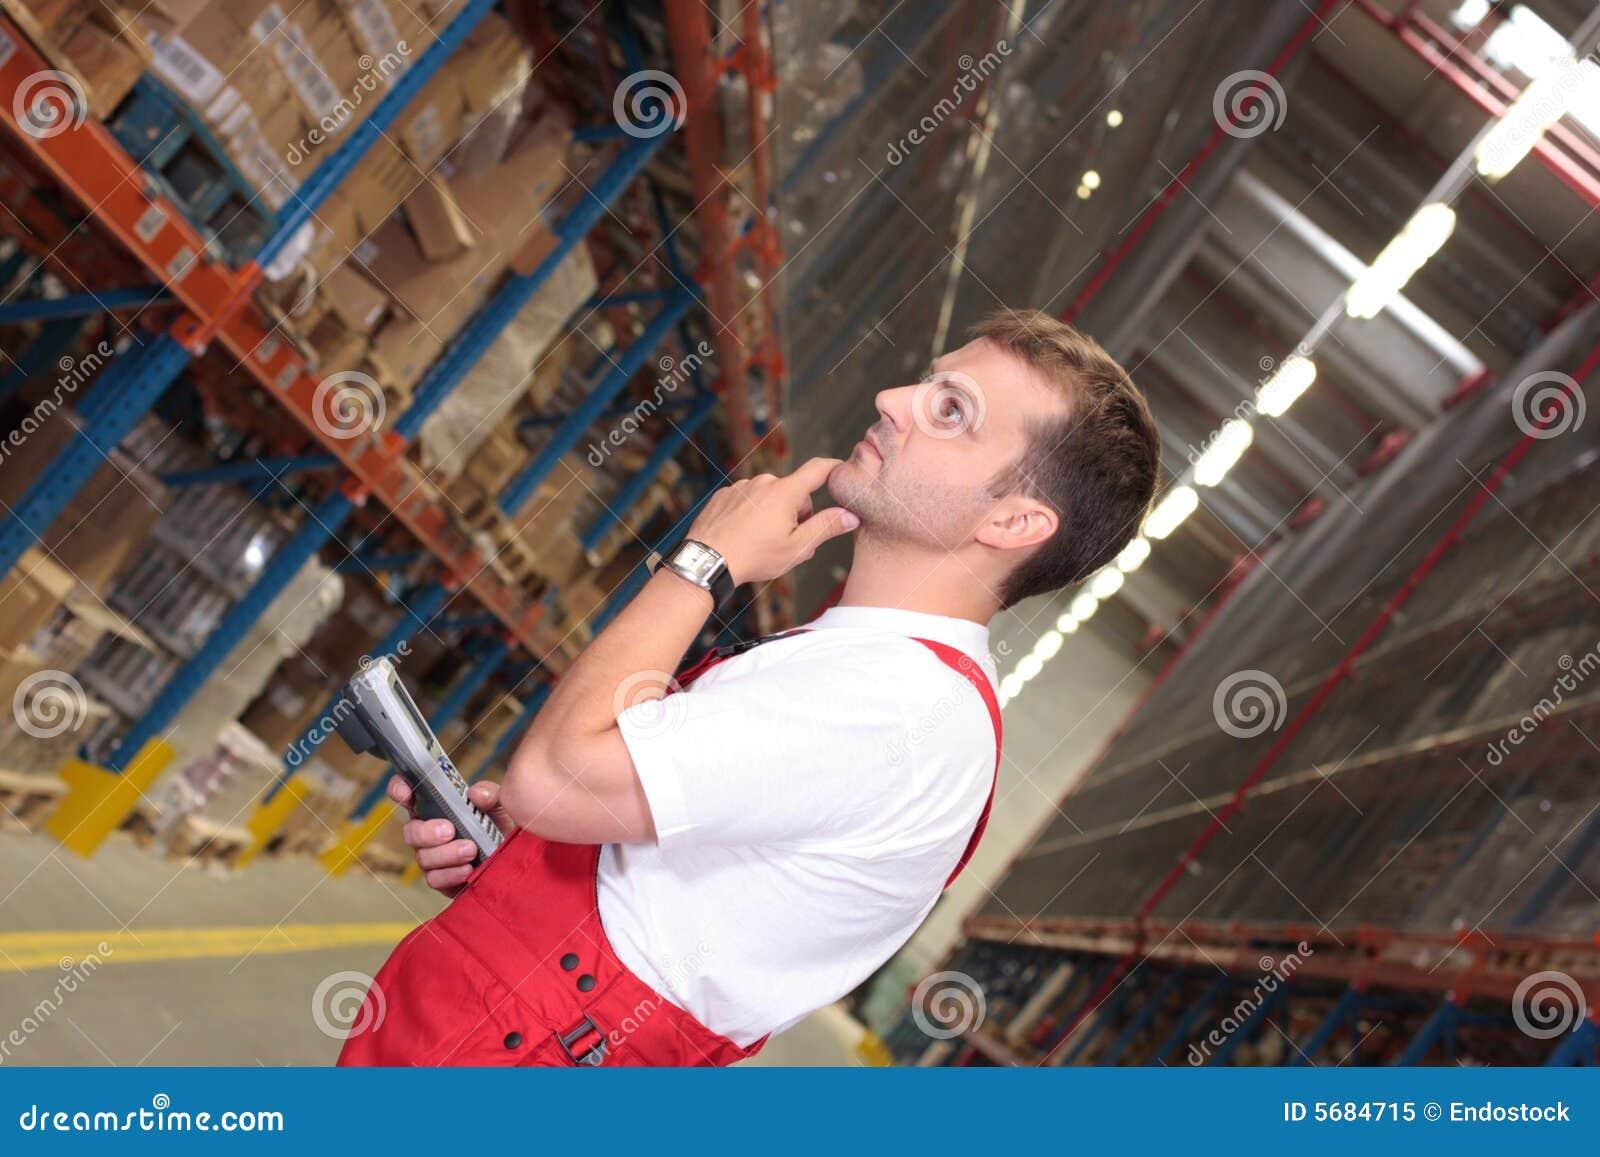 Wroker in warehouse